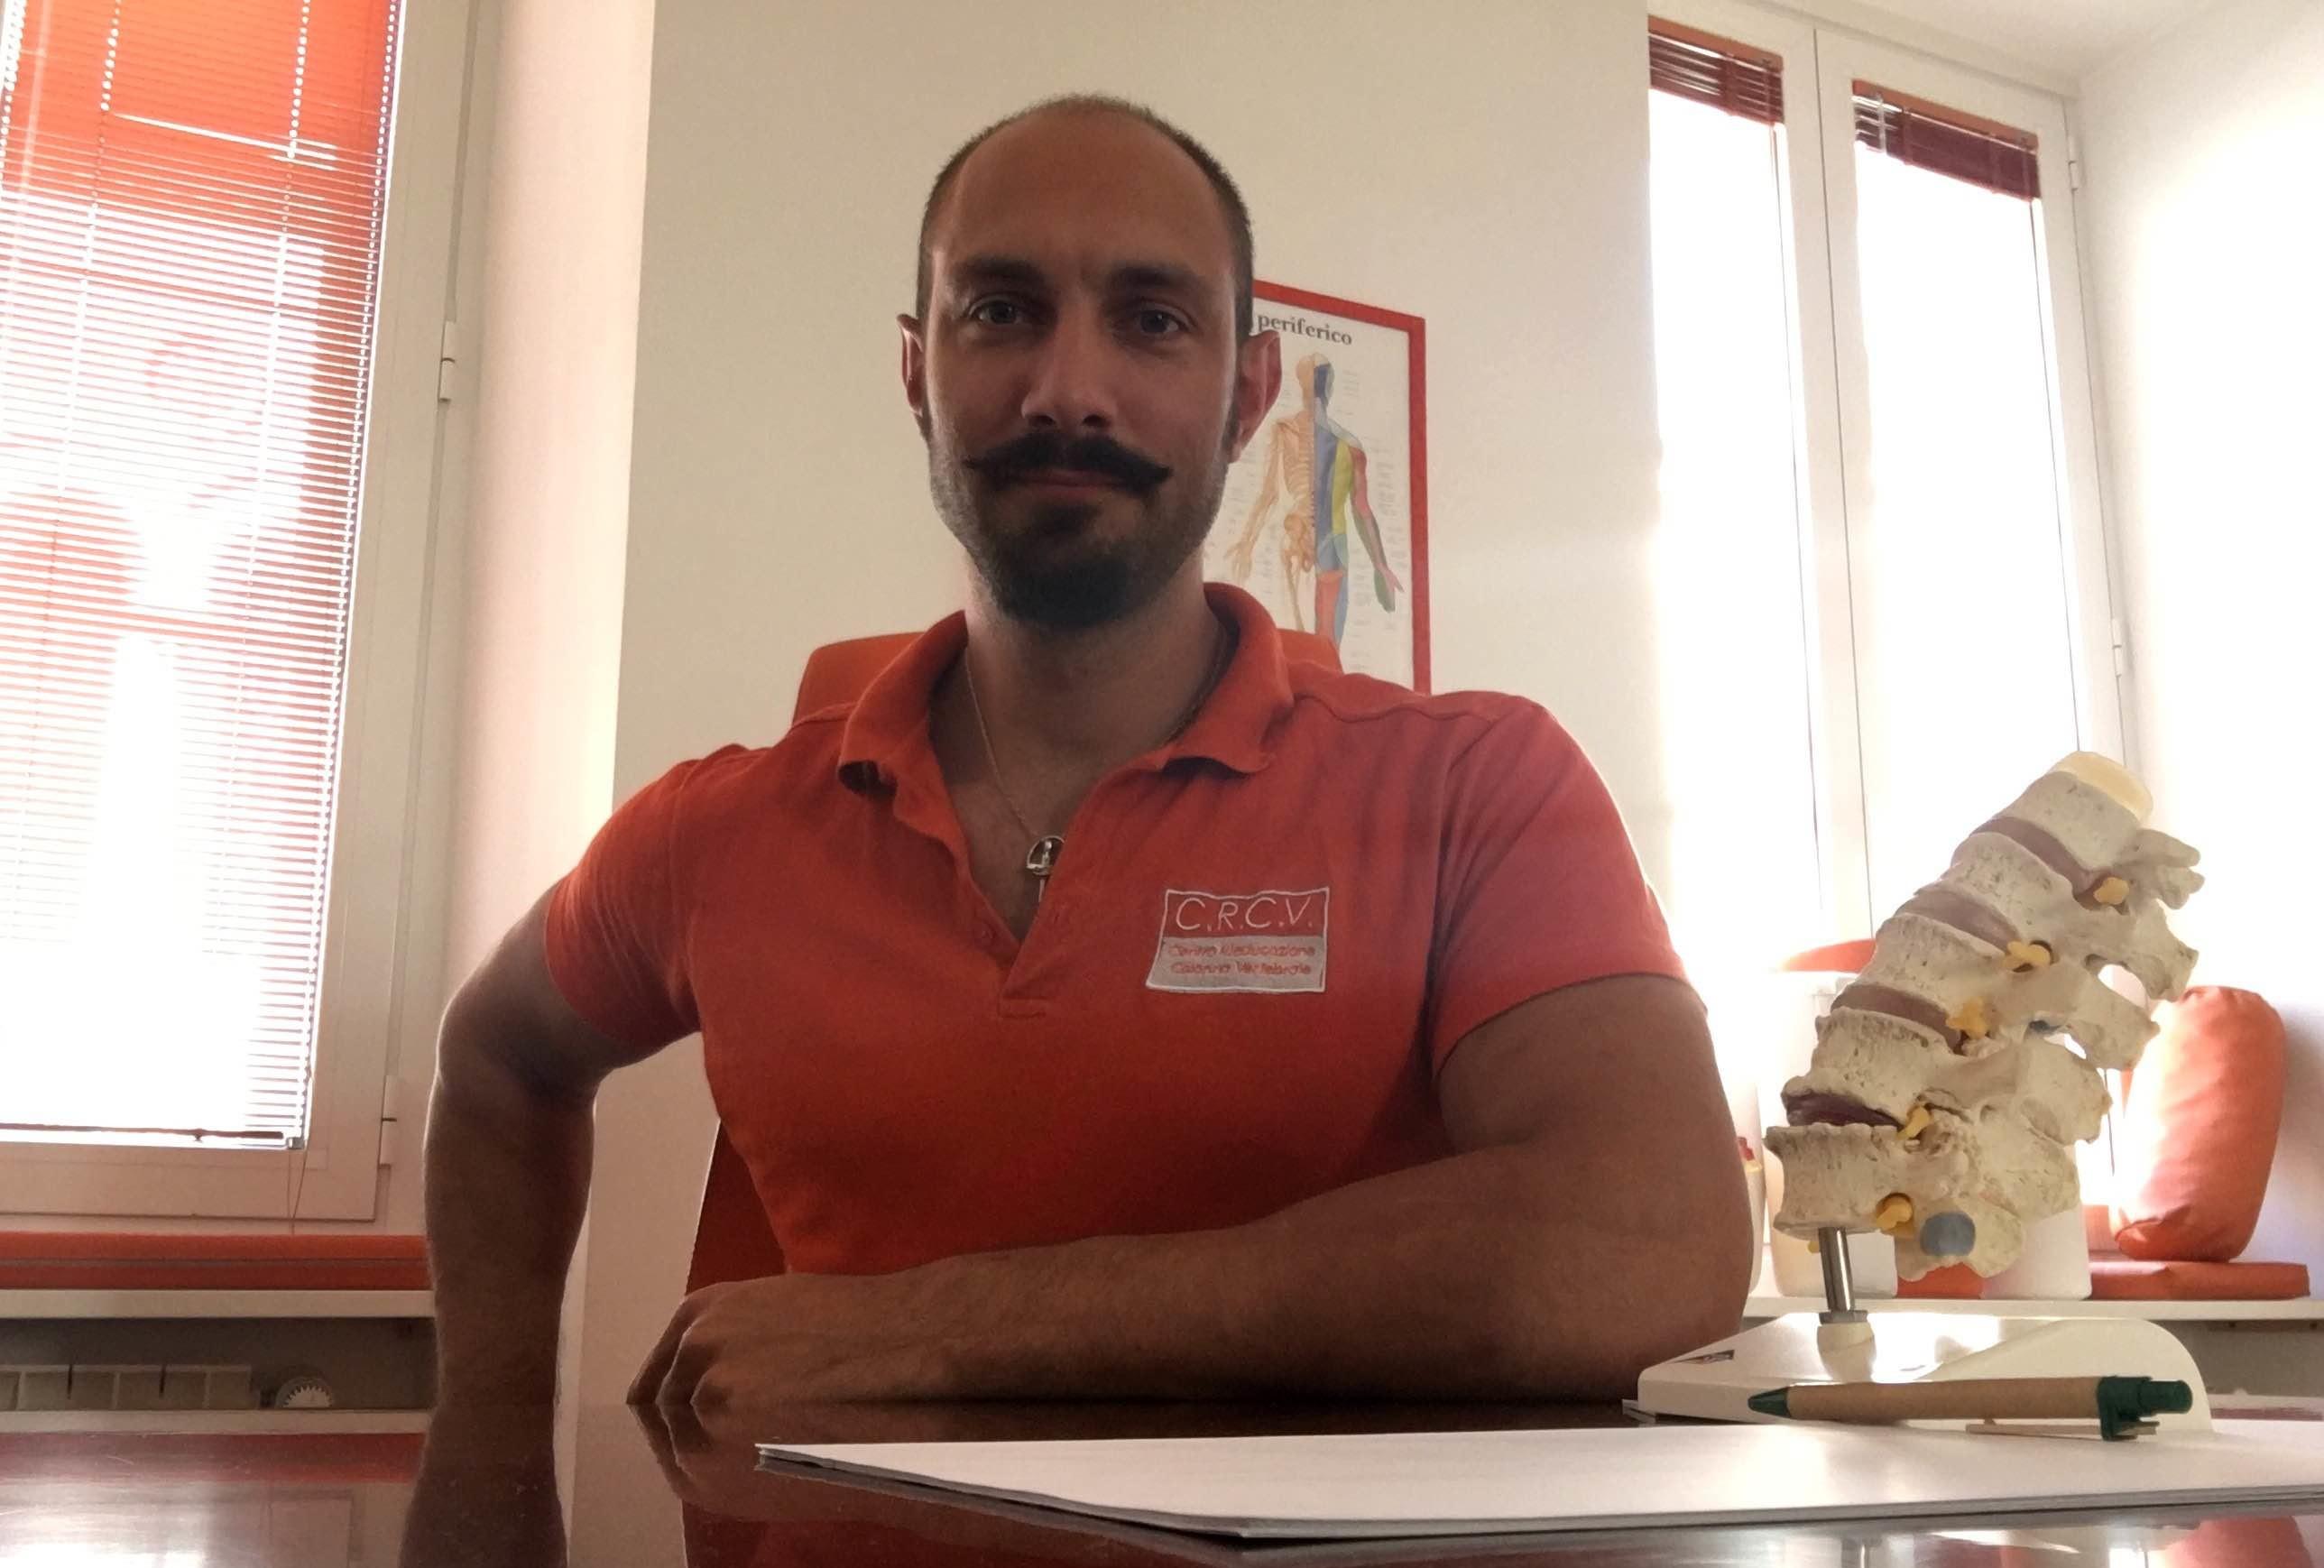 direttore della sezione ortopedica del Poliambulatorio Fisiosan di Trieste e Muggia Segue da un decennio atleti anche di livello internazionale